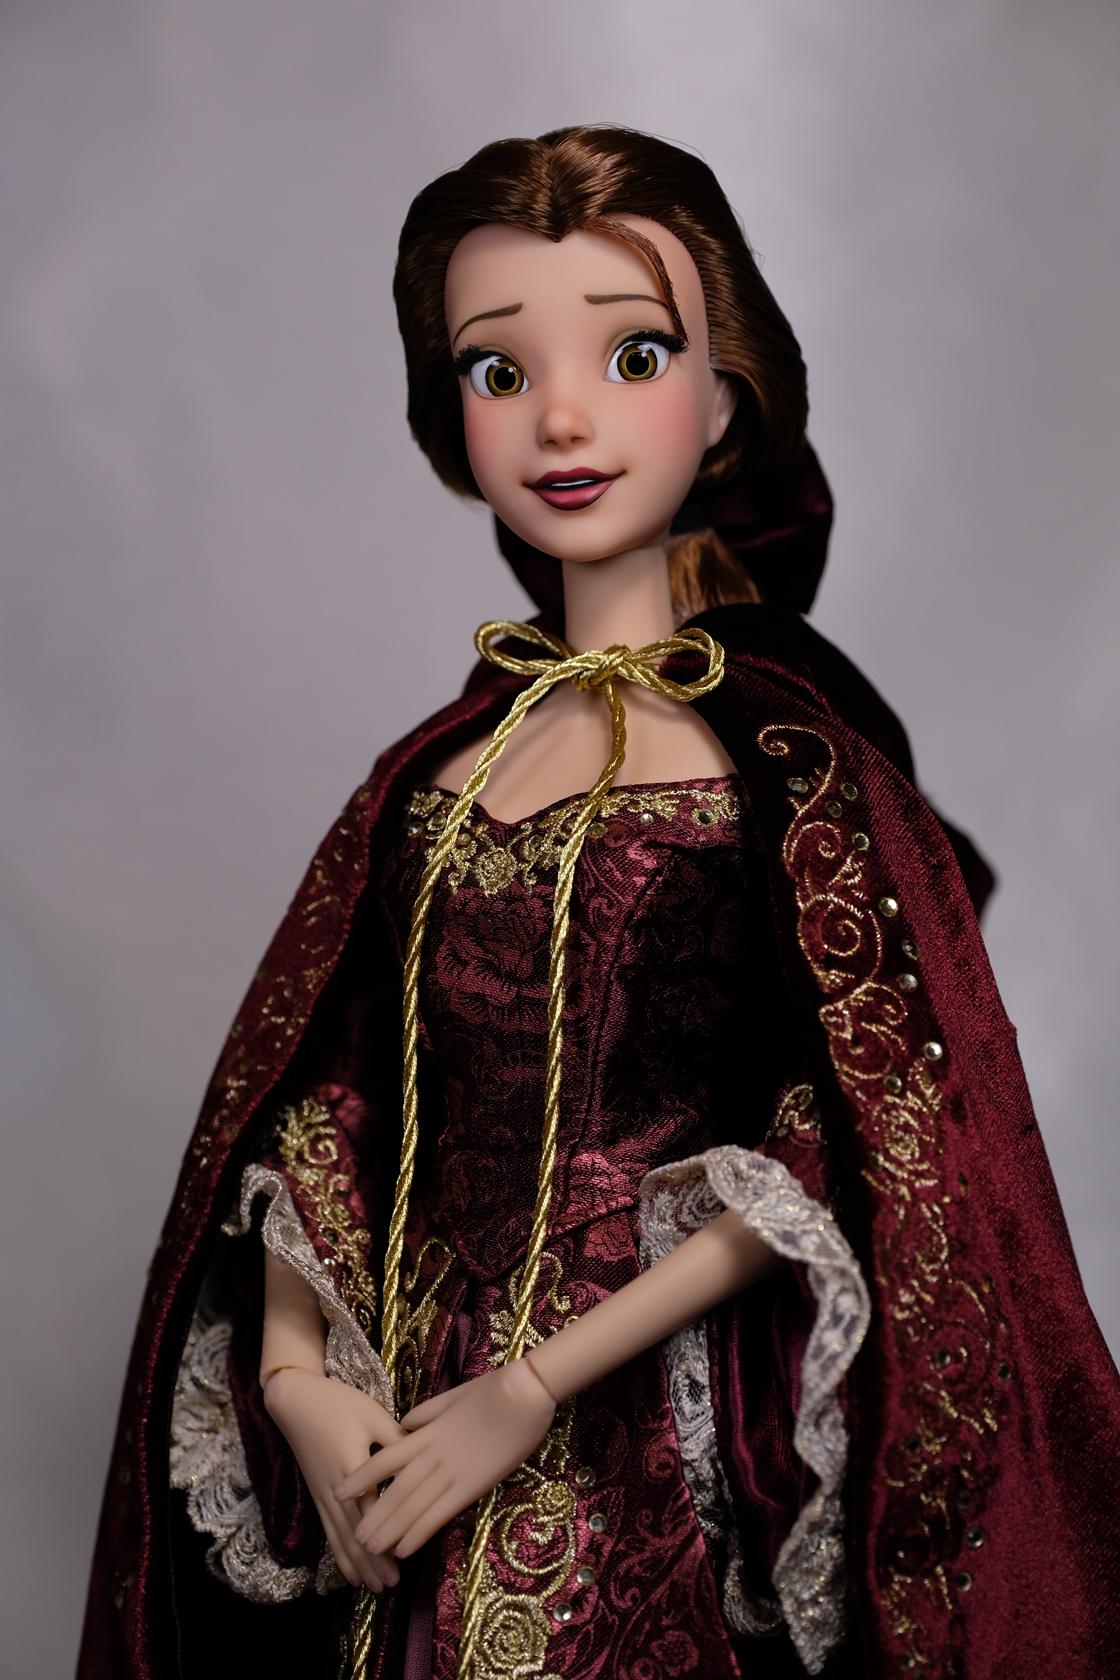 belle_ooak_doll_3